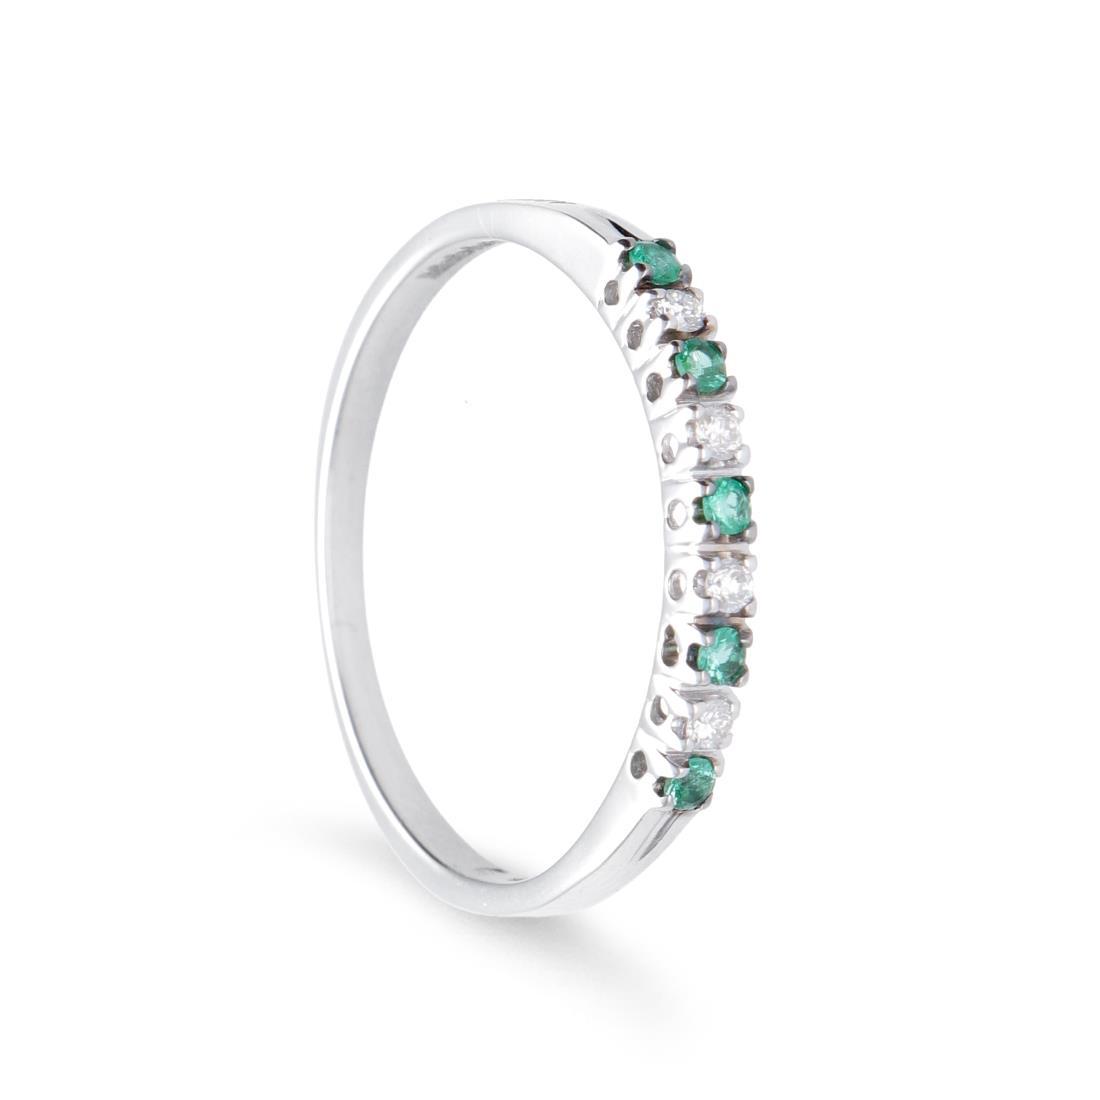 Anello veretta con smeraldi e diamanti - ALFIERI & ST. JOHN